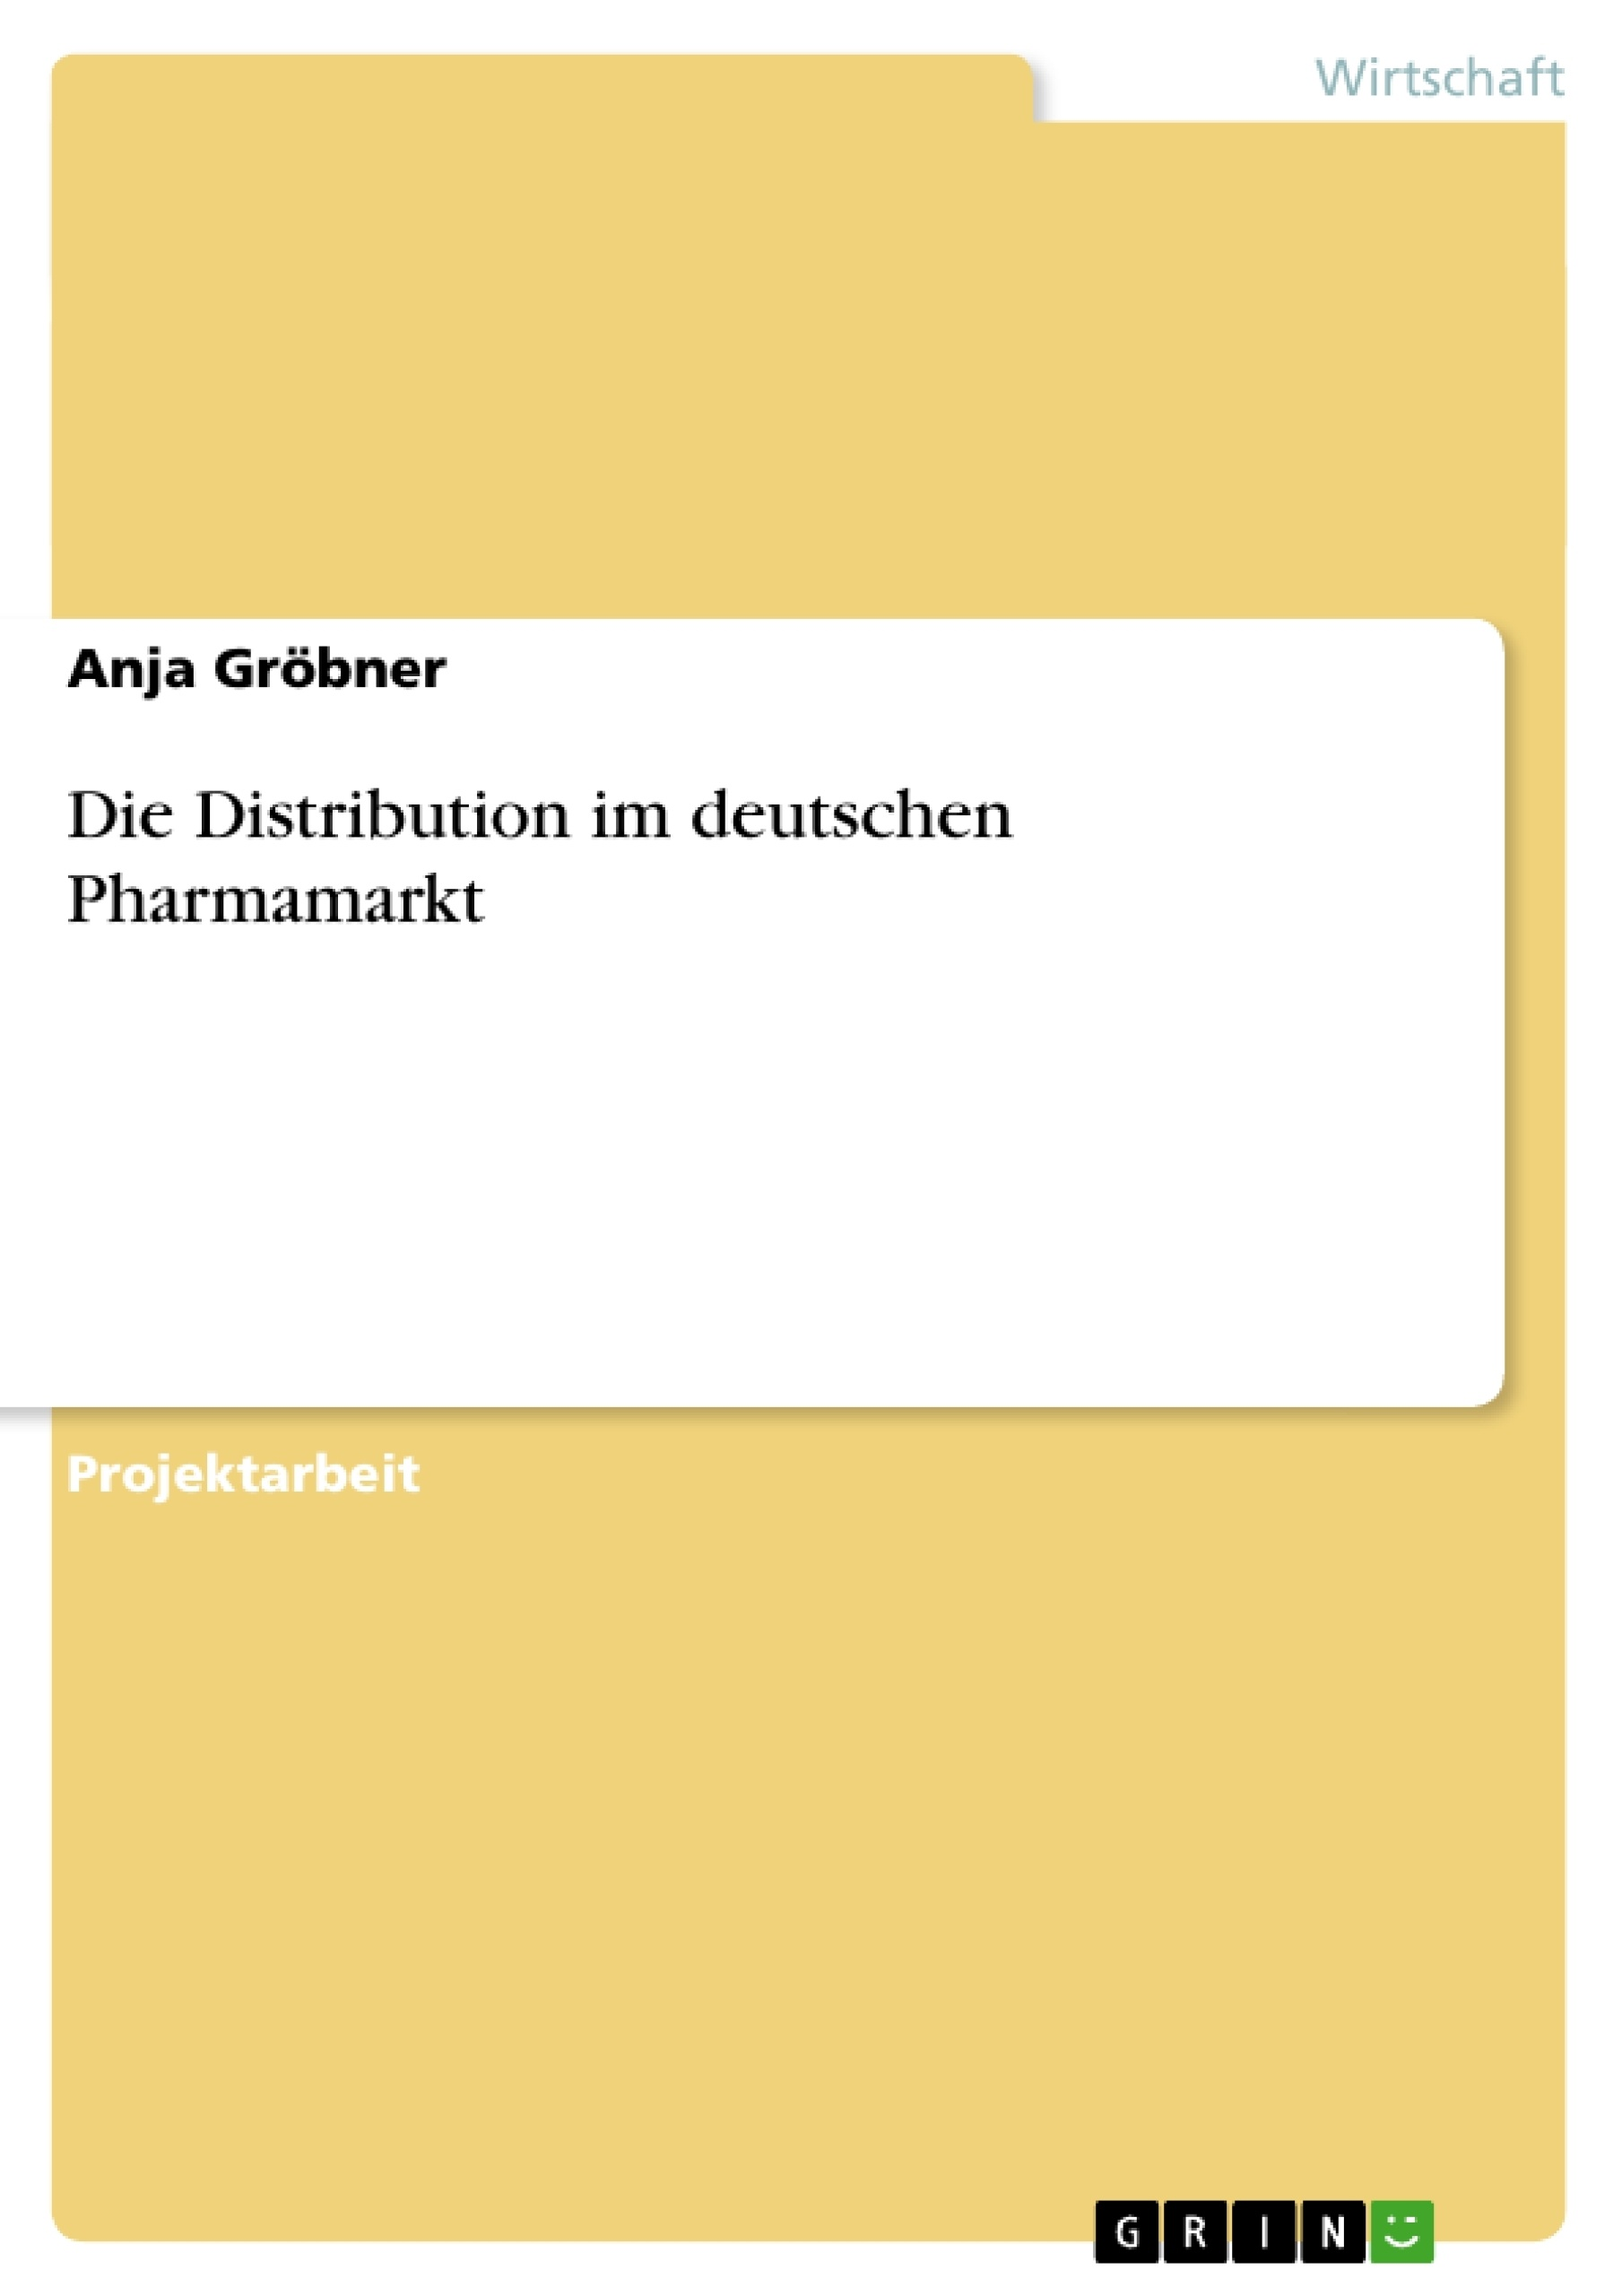 Titel: Die Distribution im deutschen Pharmamarkt